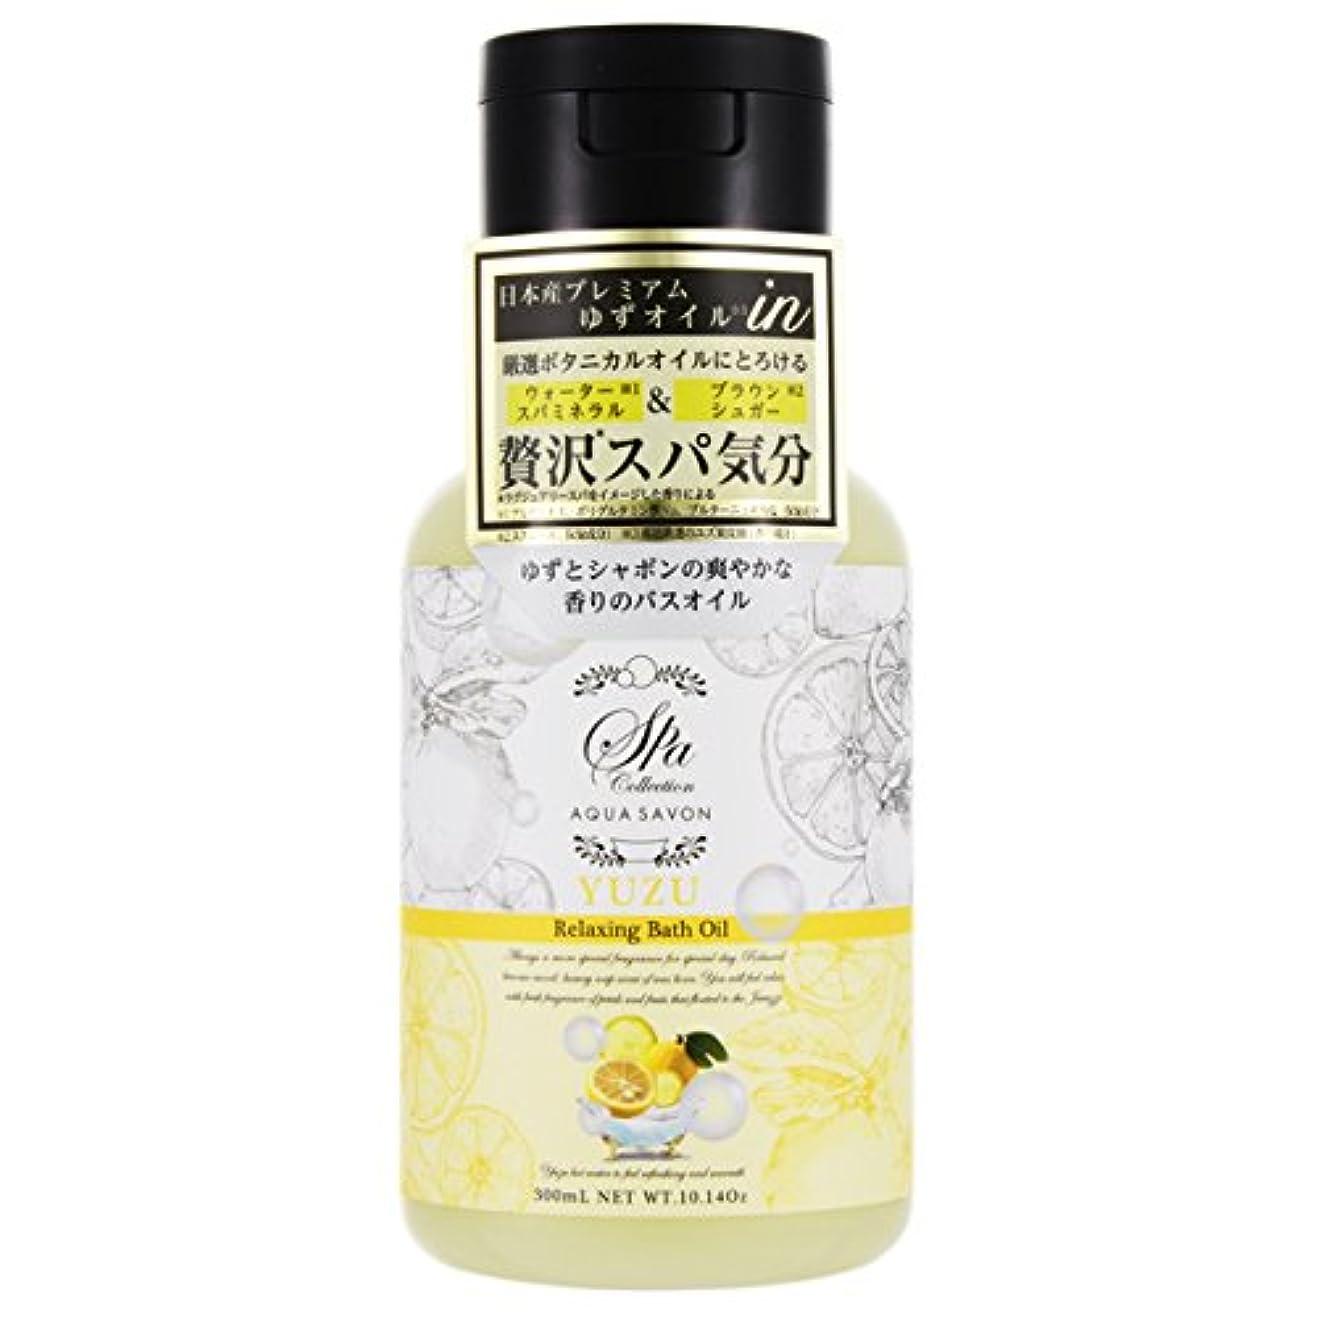 ブルームアリーナ杖アクアシャボン スパコレクション リラクシングバスオイル ゆずスパの香り 300ml 【アクアシャボン】